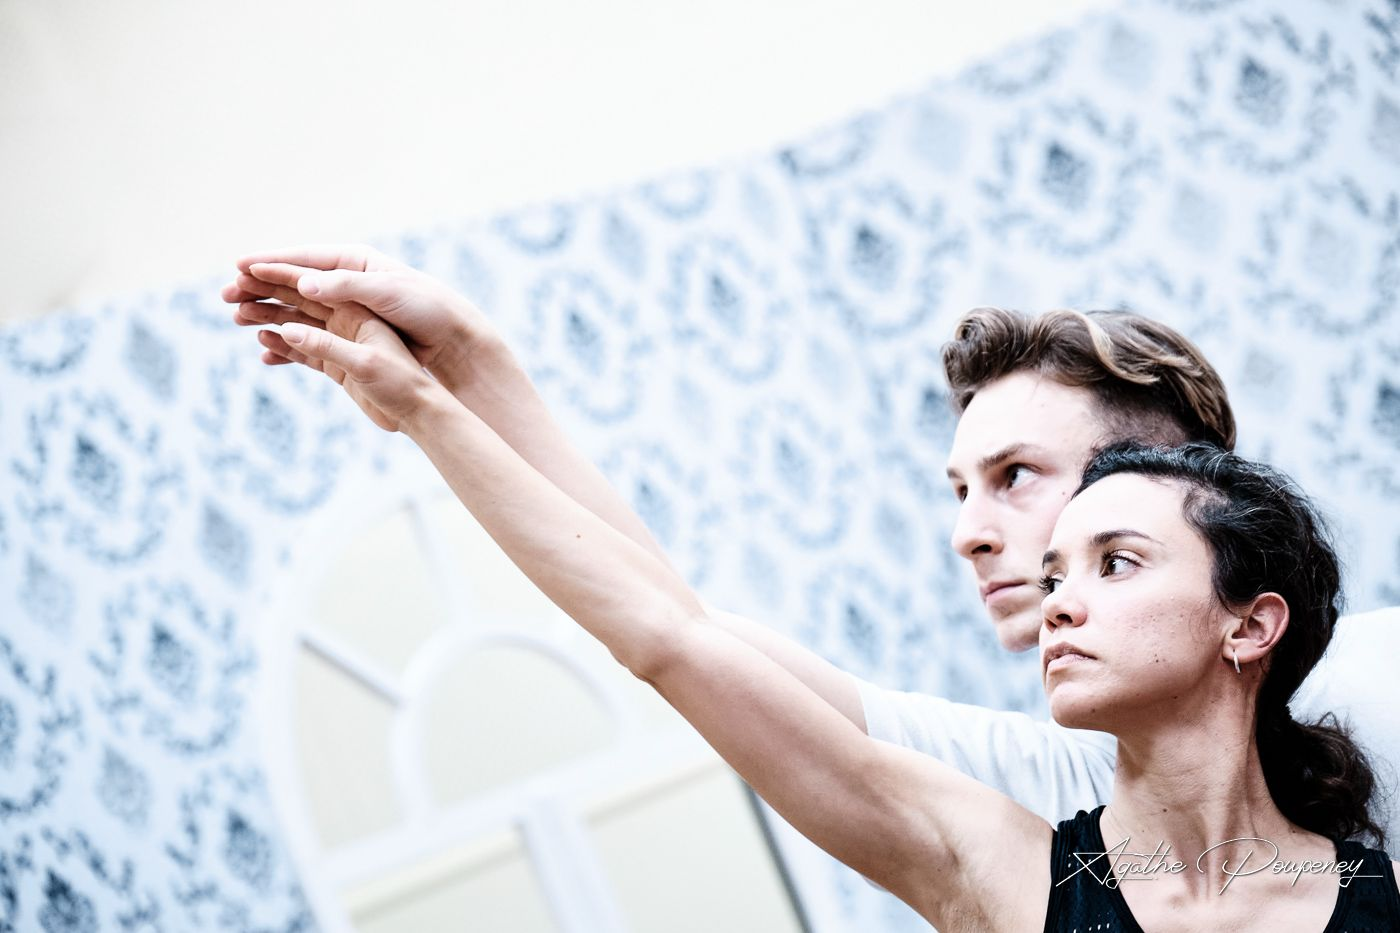 Danser Mozart au XXI siècle : interview avec Marwik Schmitt & Rubén Juillard